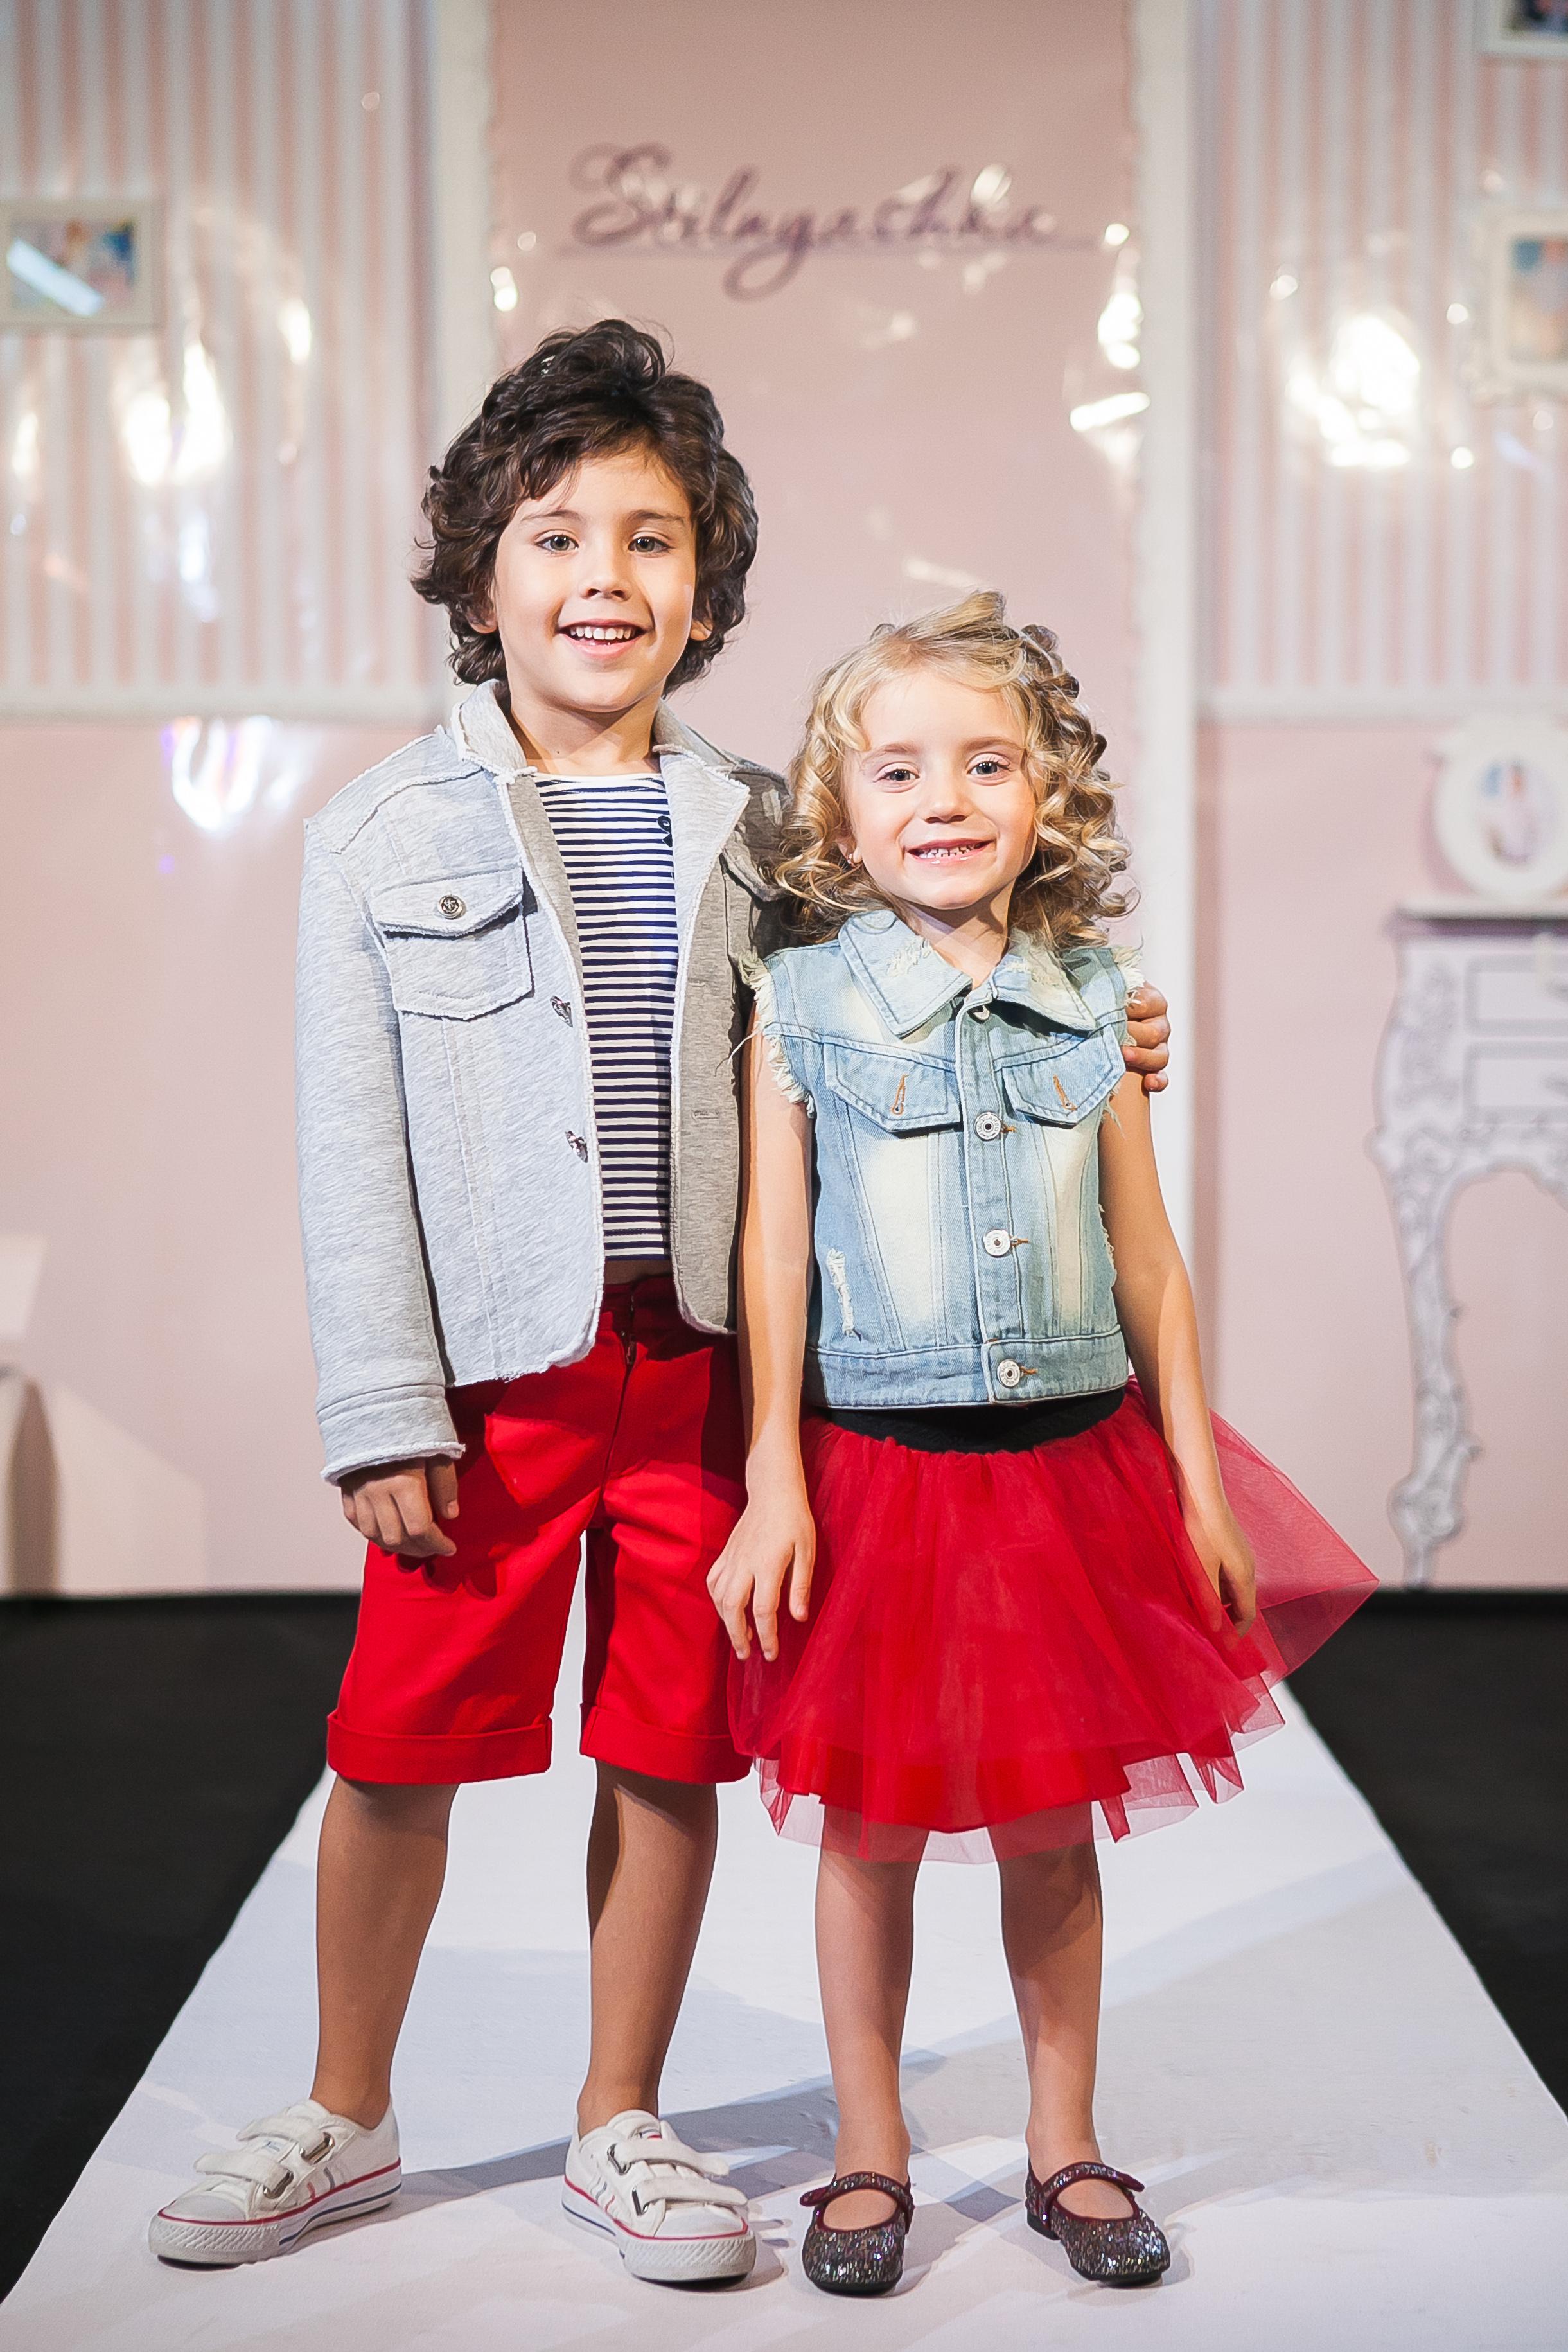 Сбор заказов. Дизайнерская одежда премиум класс по доступным цен/ ам! Новый бренд для детей и подростков. Тренд года - майки